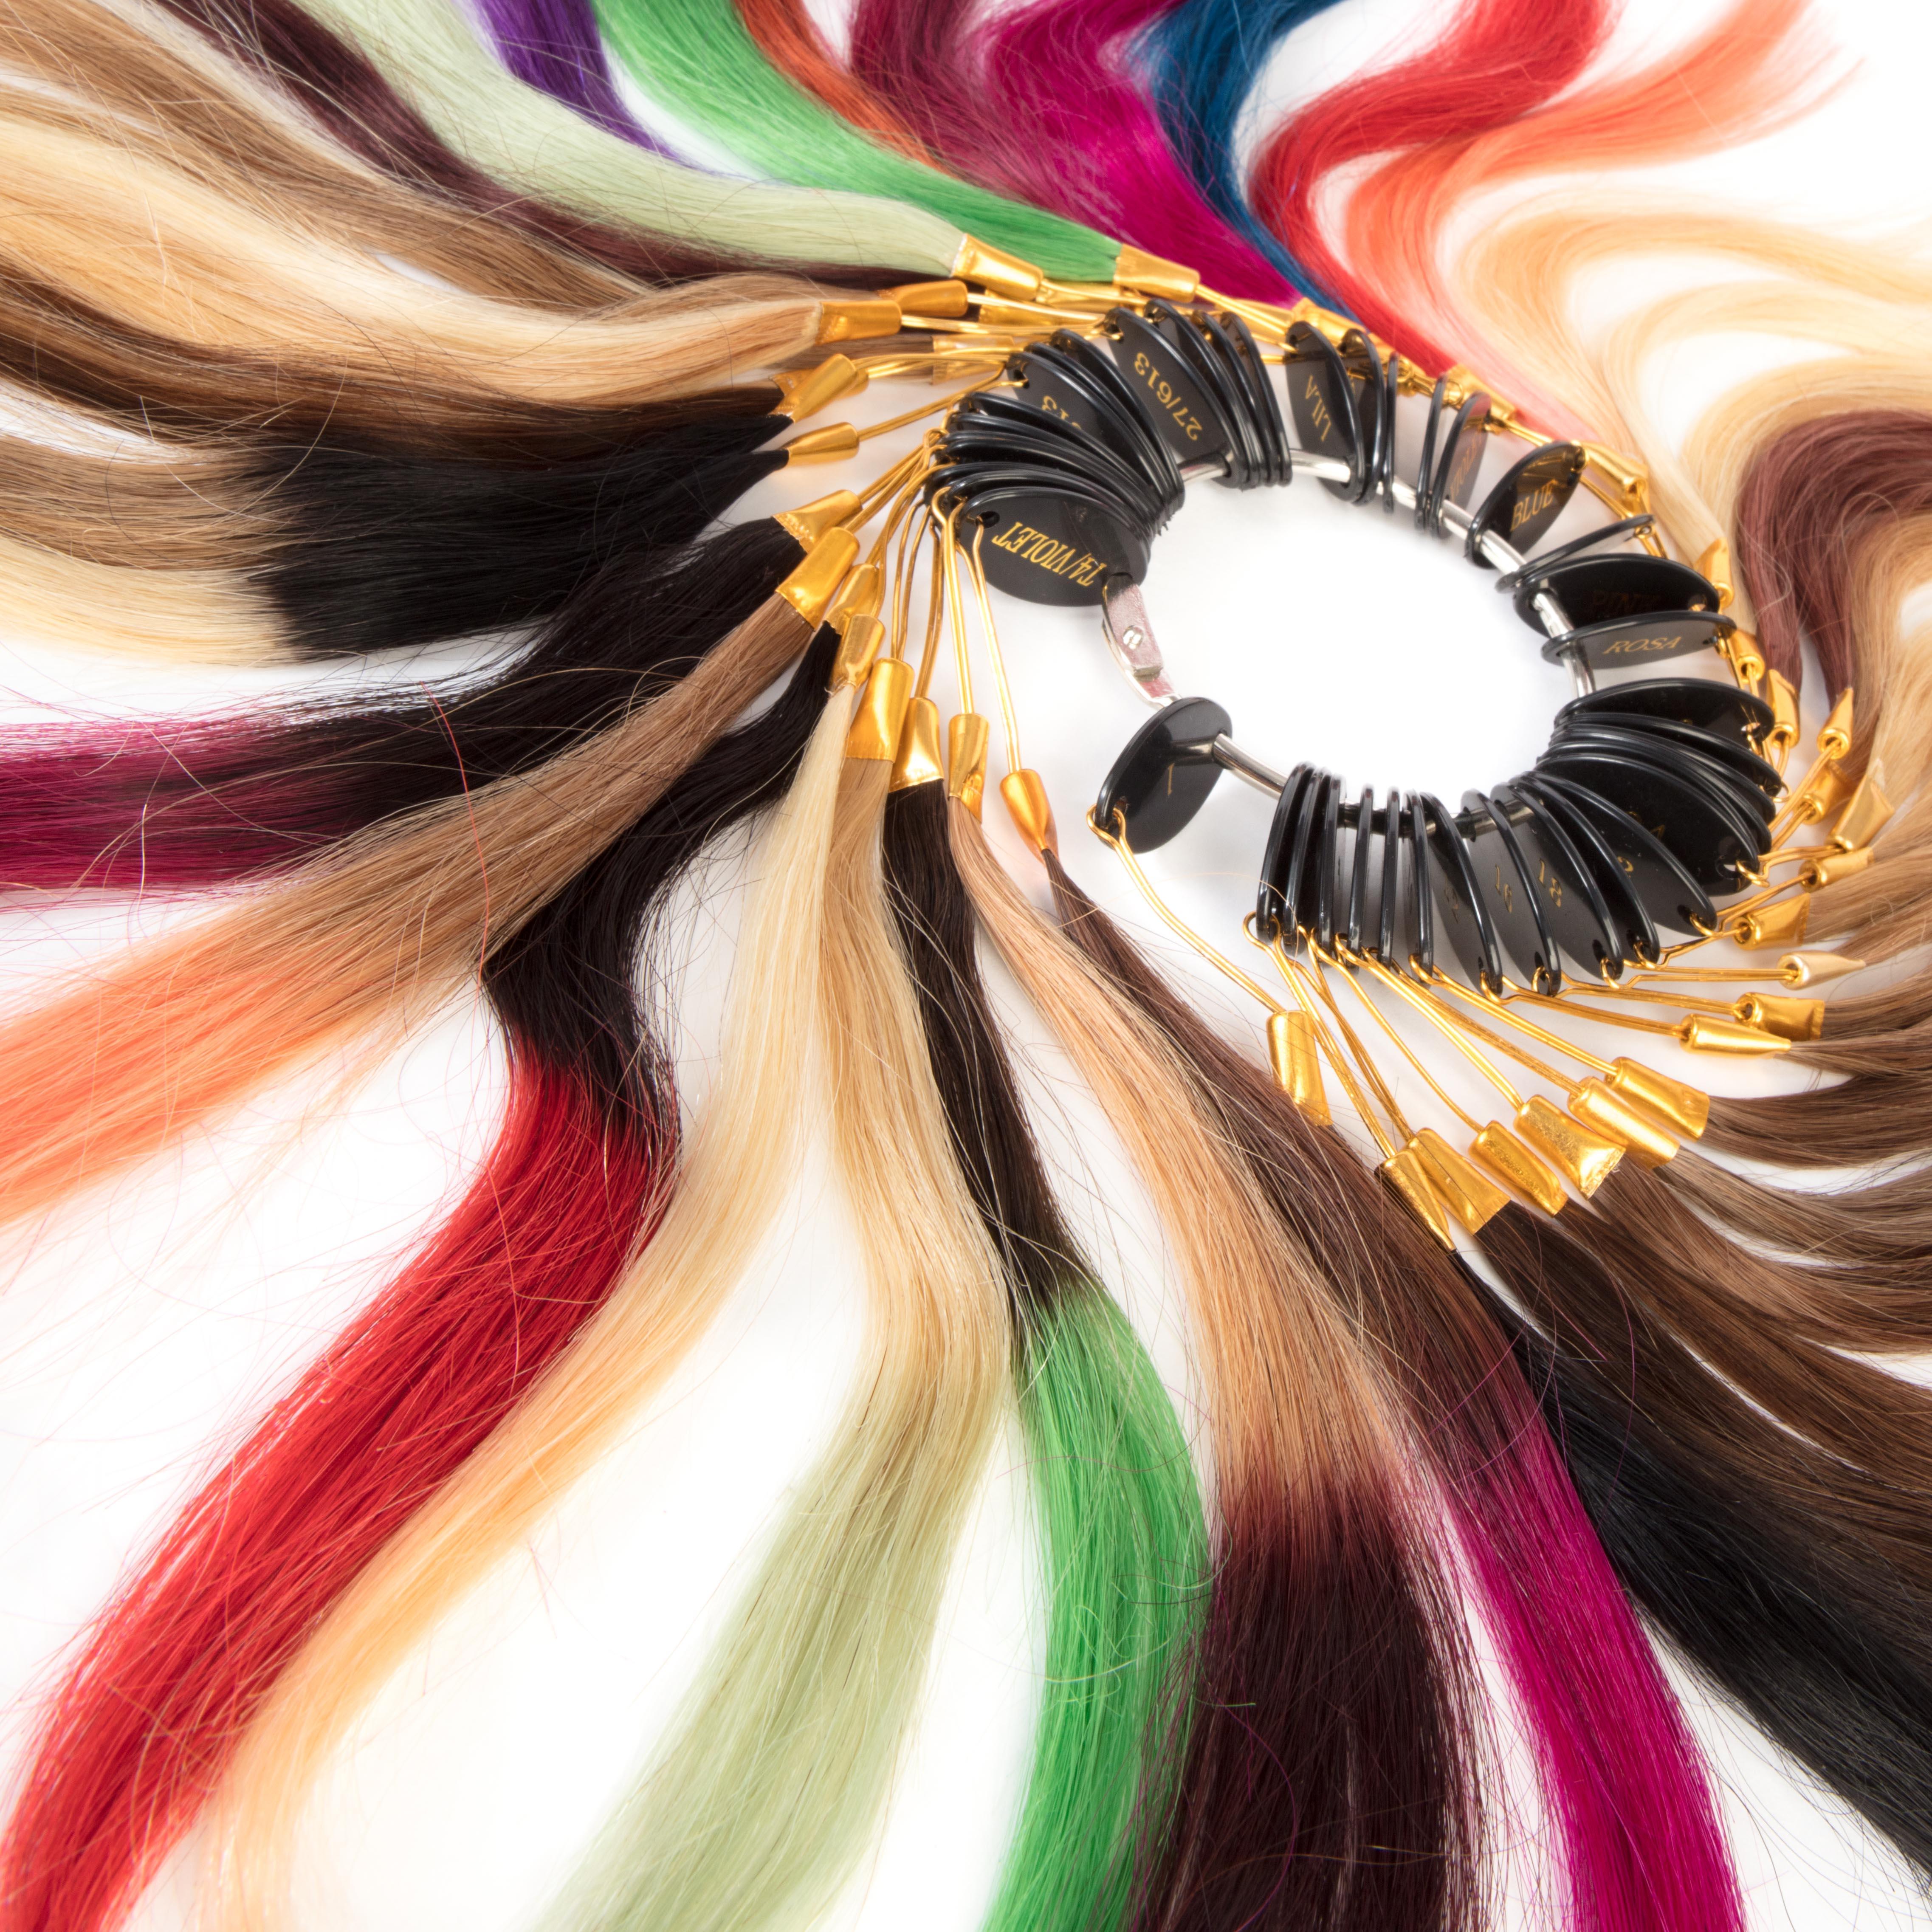 hairextensions productfotografie bestemd voor webshop Kleurenring